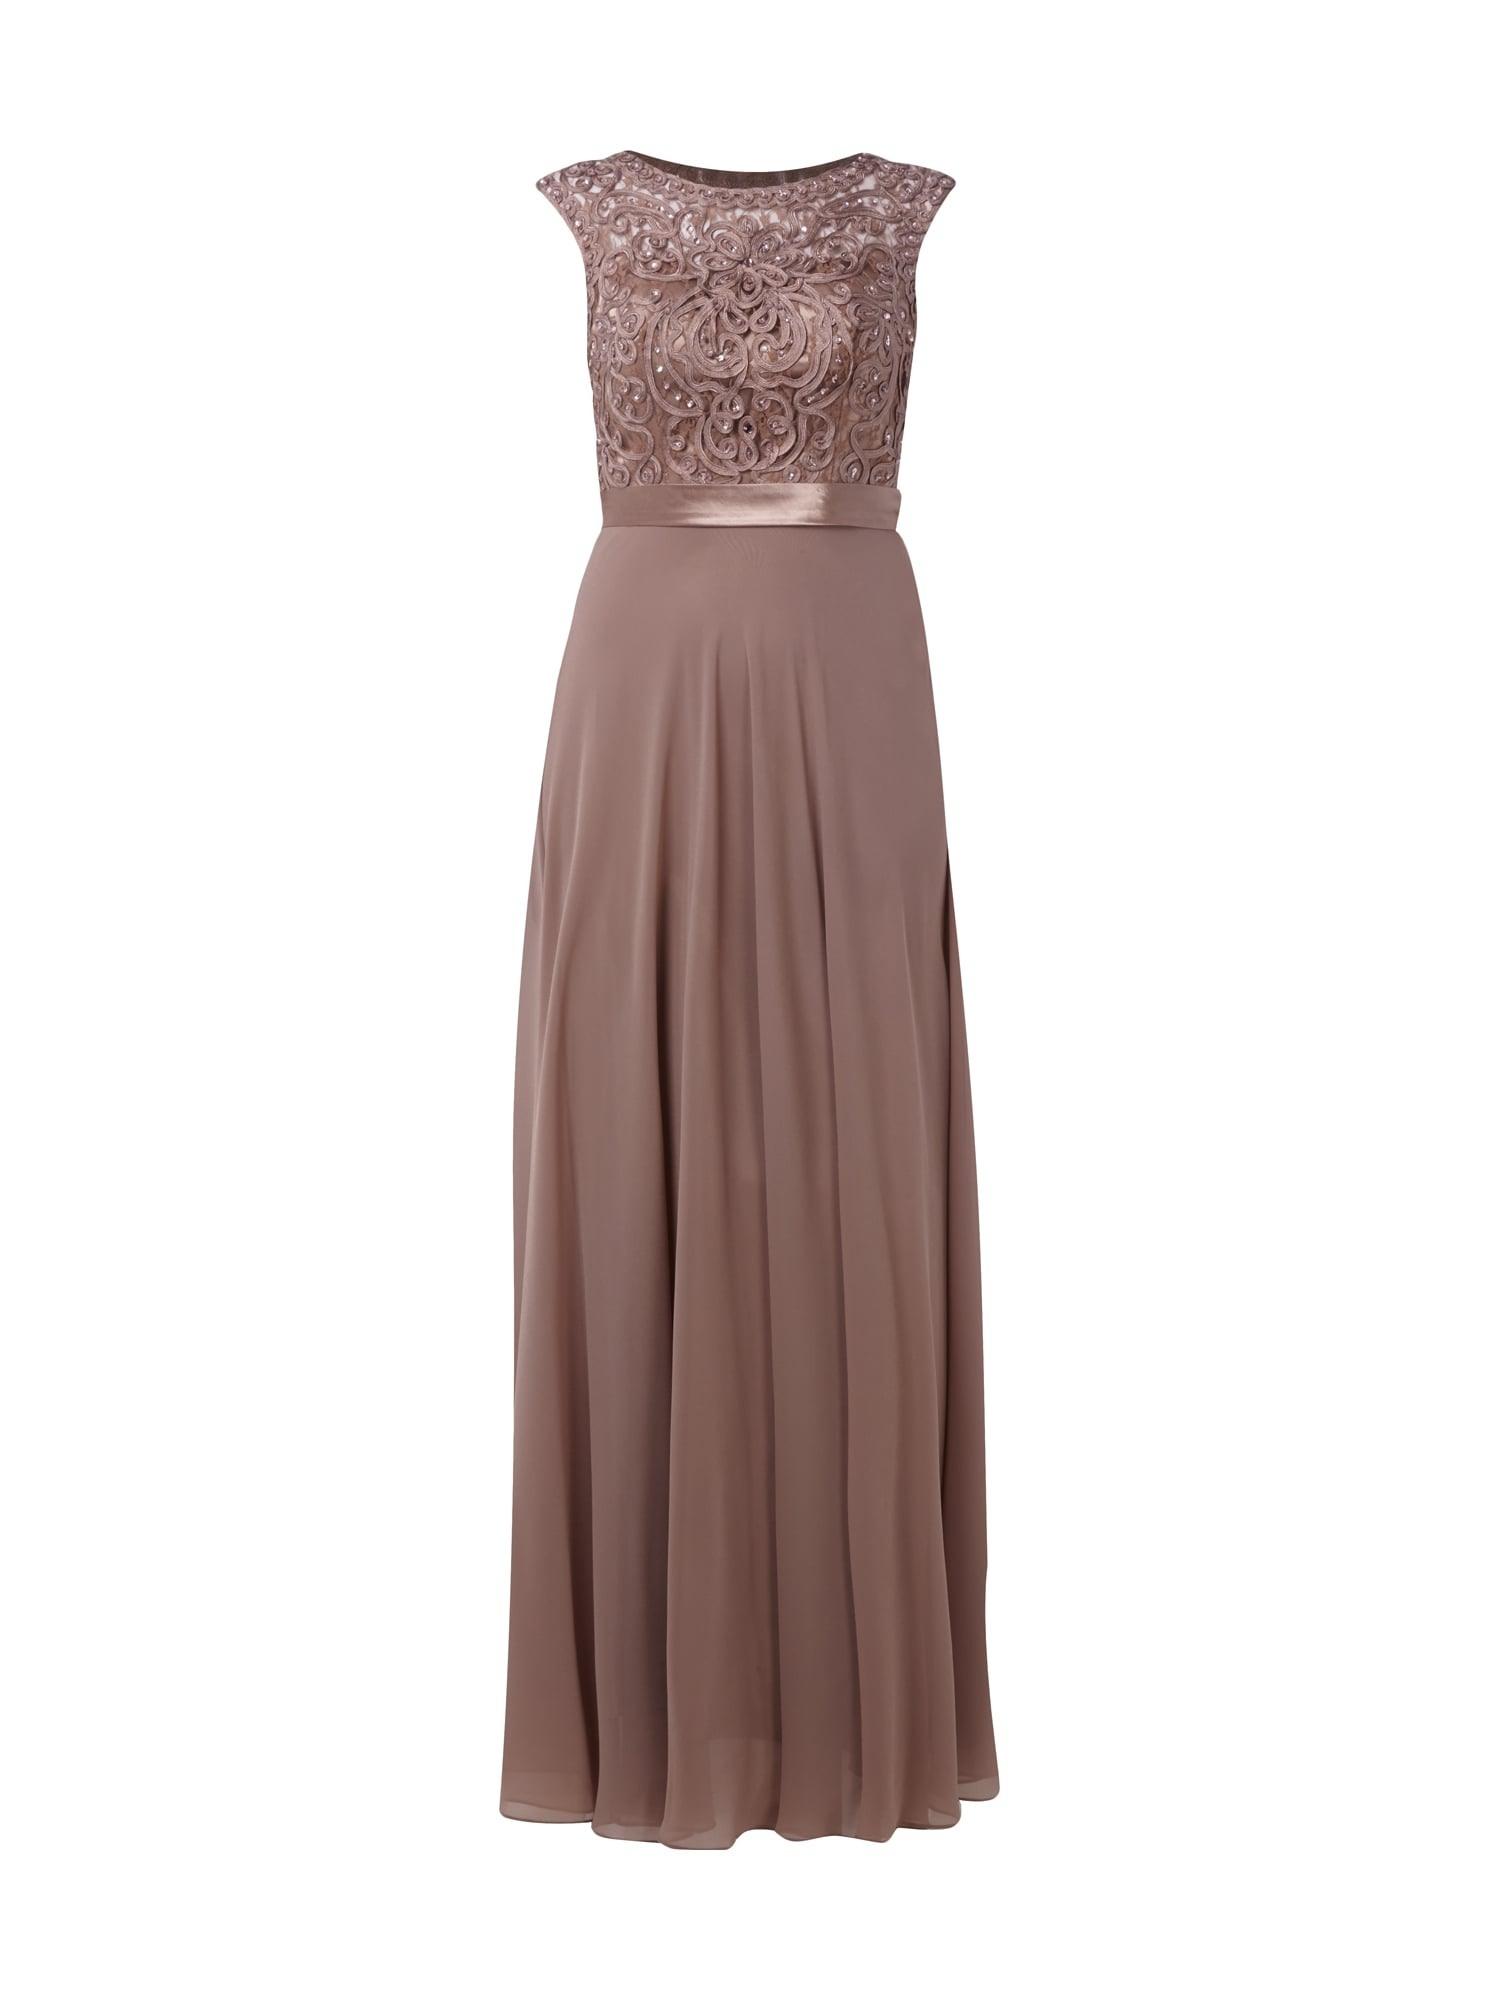 10 Spektakulär Abendkleid Braun Galerie10 Wunderbar Abendkleid Braun Design